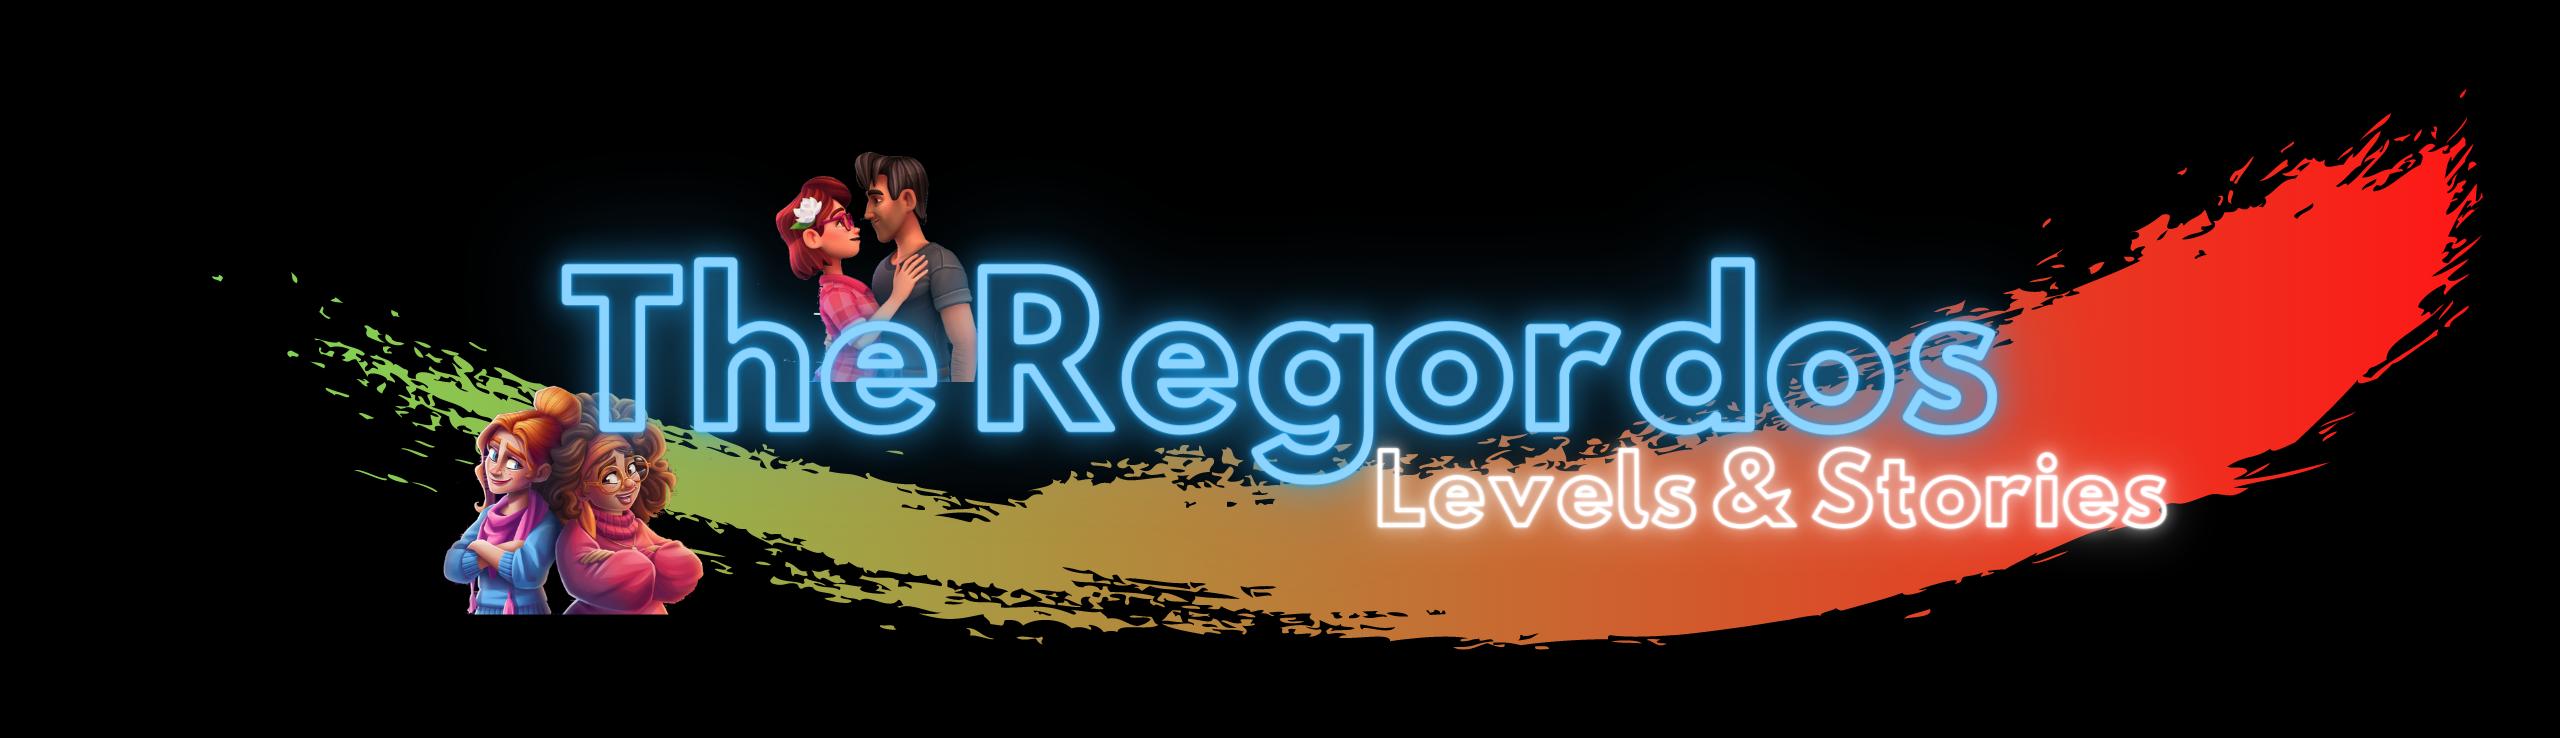 The Regordos Games